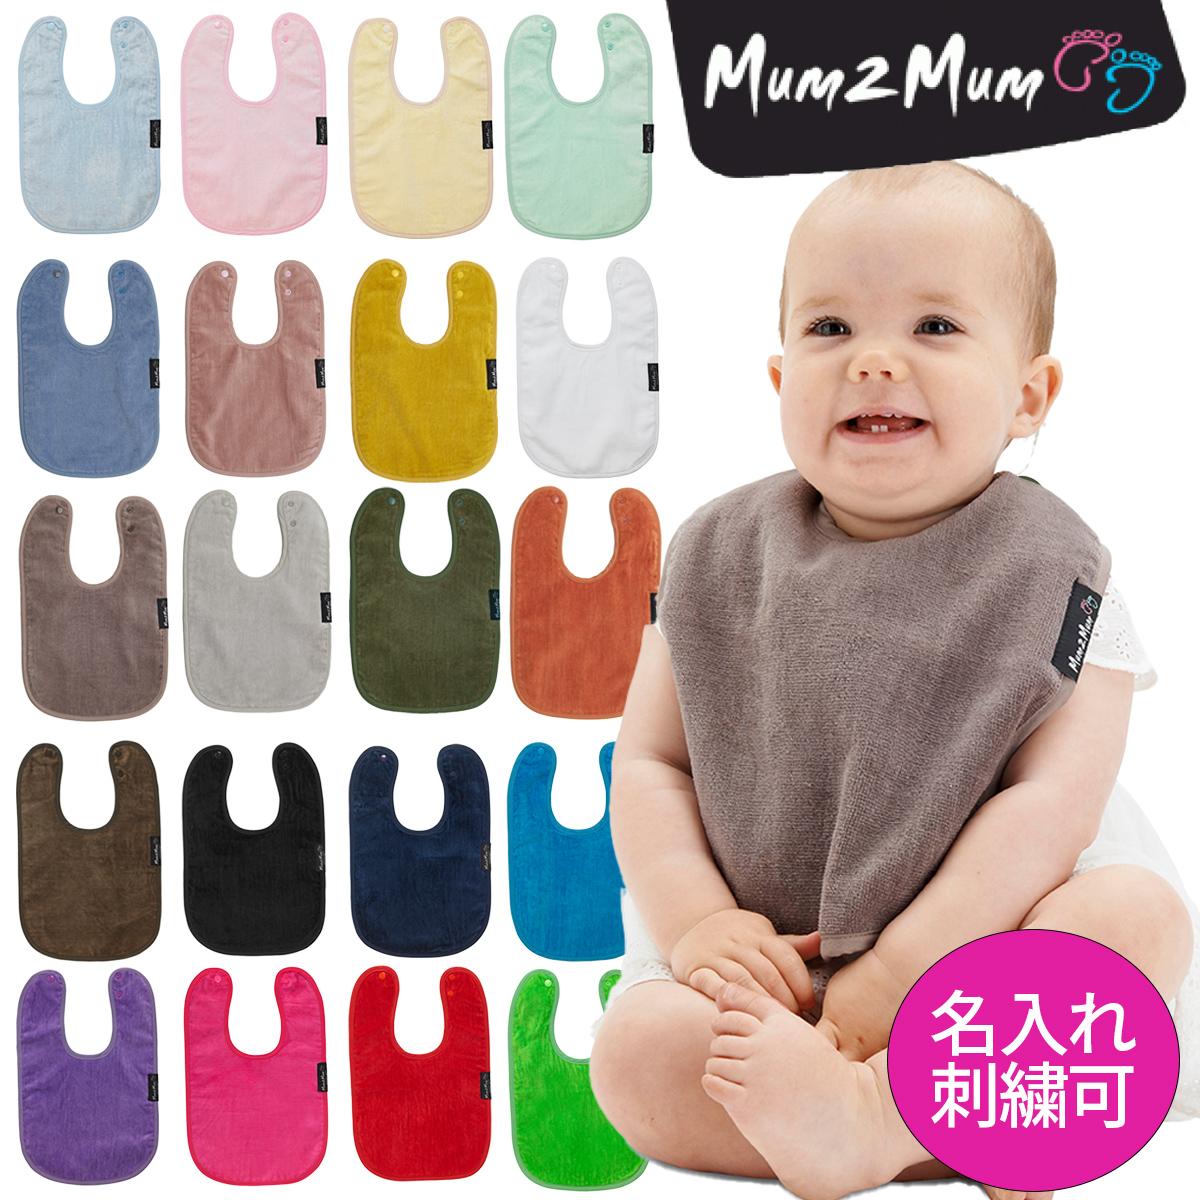 mum2mum マムトゥーマム スタイ スタンダード 日本正規品 ワンダービブ よだれかけ 4ヶ月~3歳 裏 大きめ 吸水性 名入れ刺繍可 新生活 店 防水 メール便なら送料無料